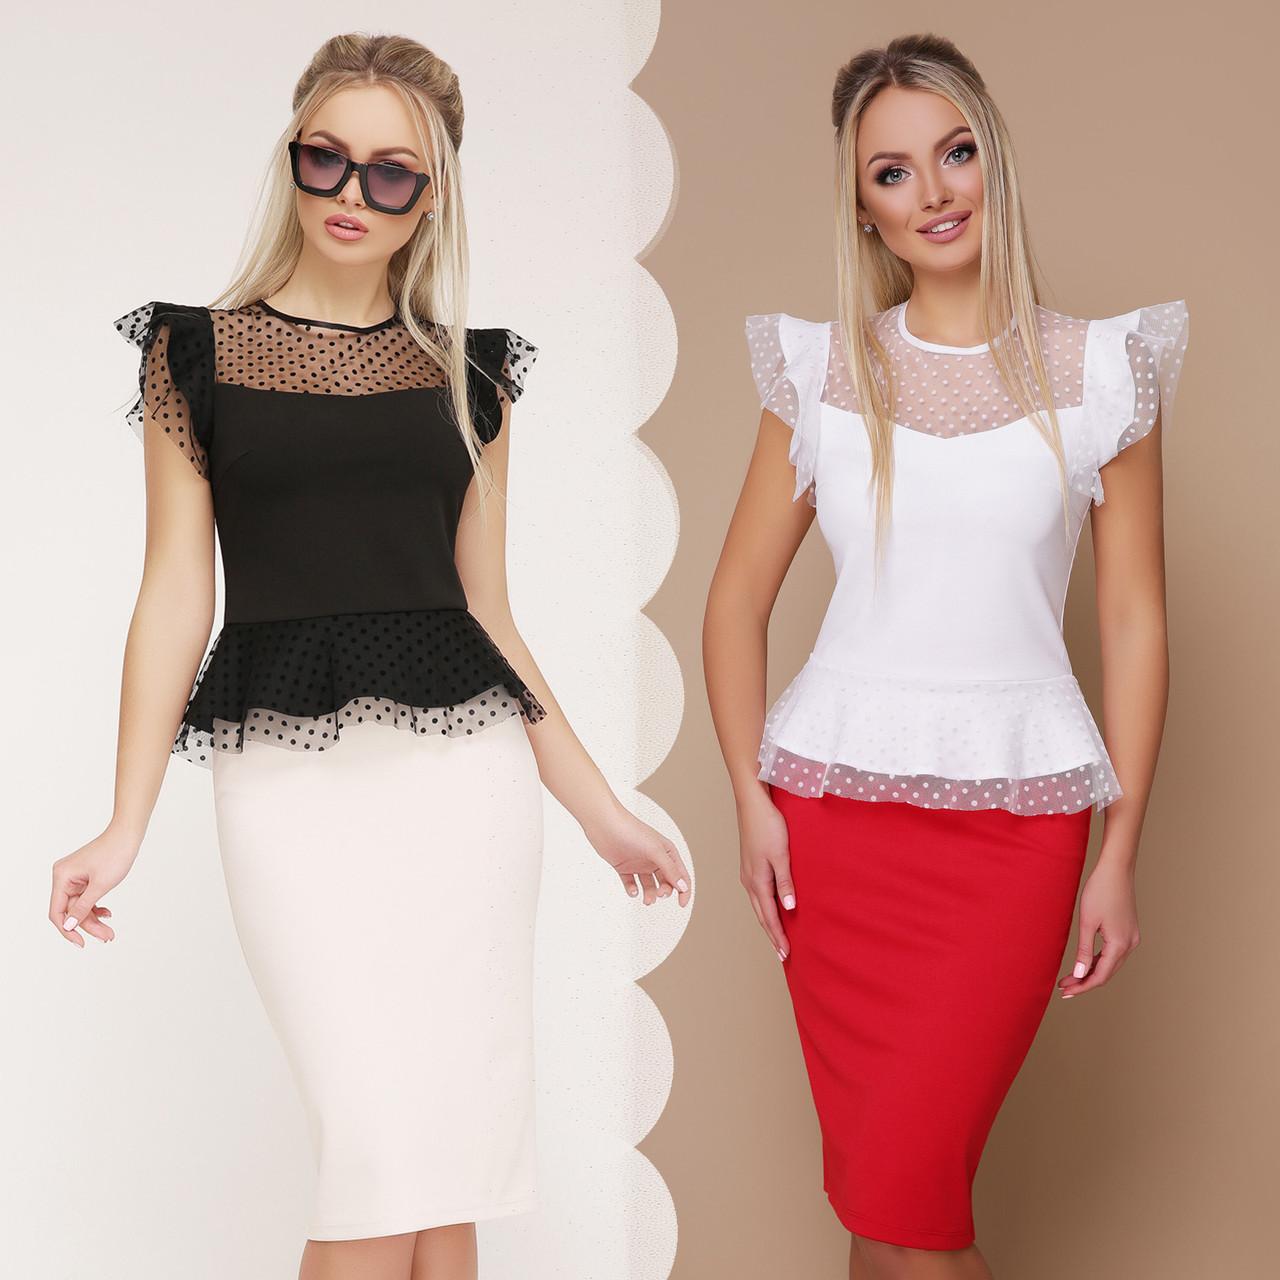 b2fbc4a6fbb Купить Женская блузка с баской крылышками и прозрачными вставками по ...